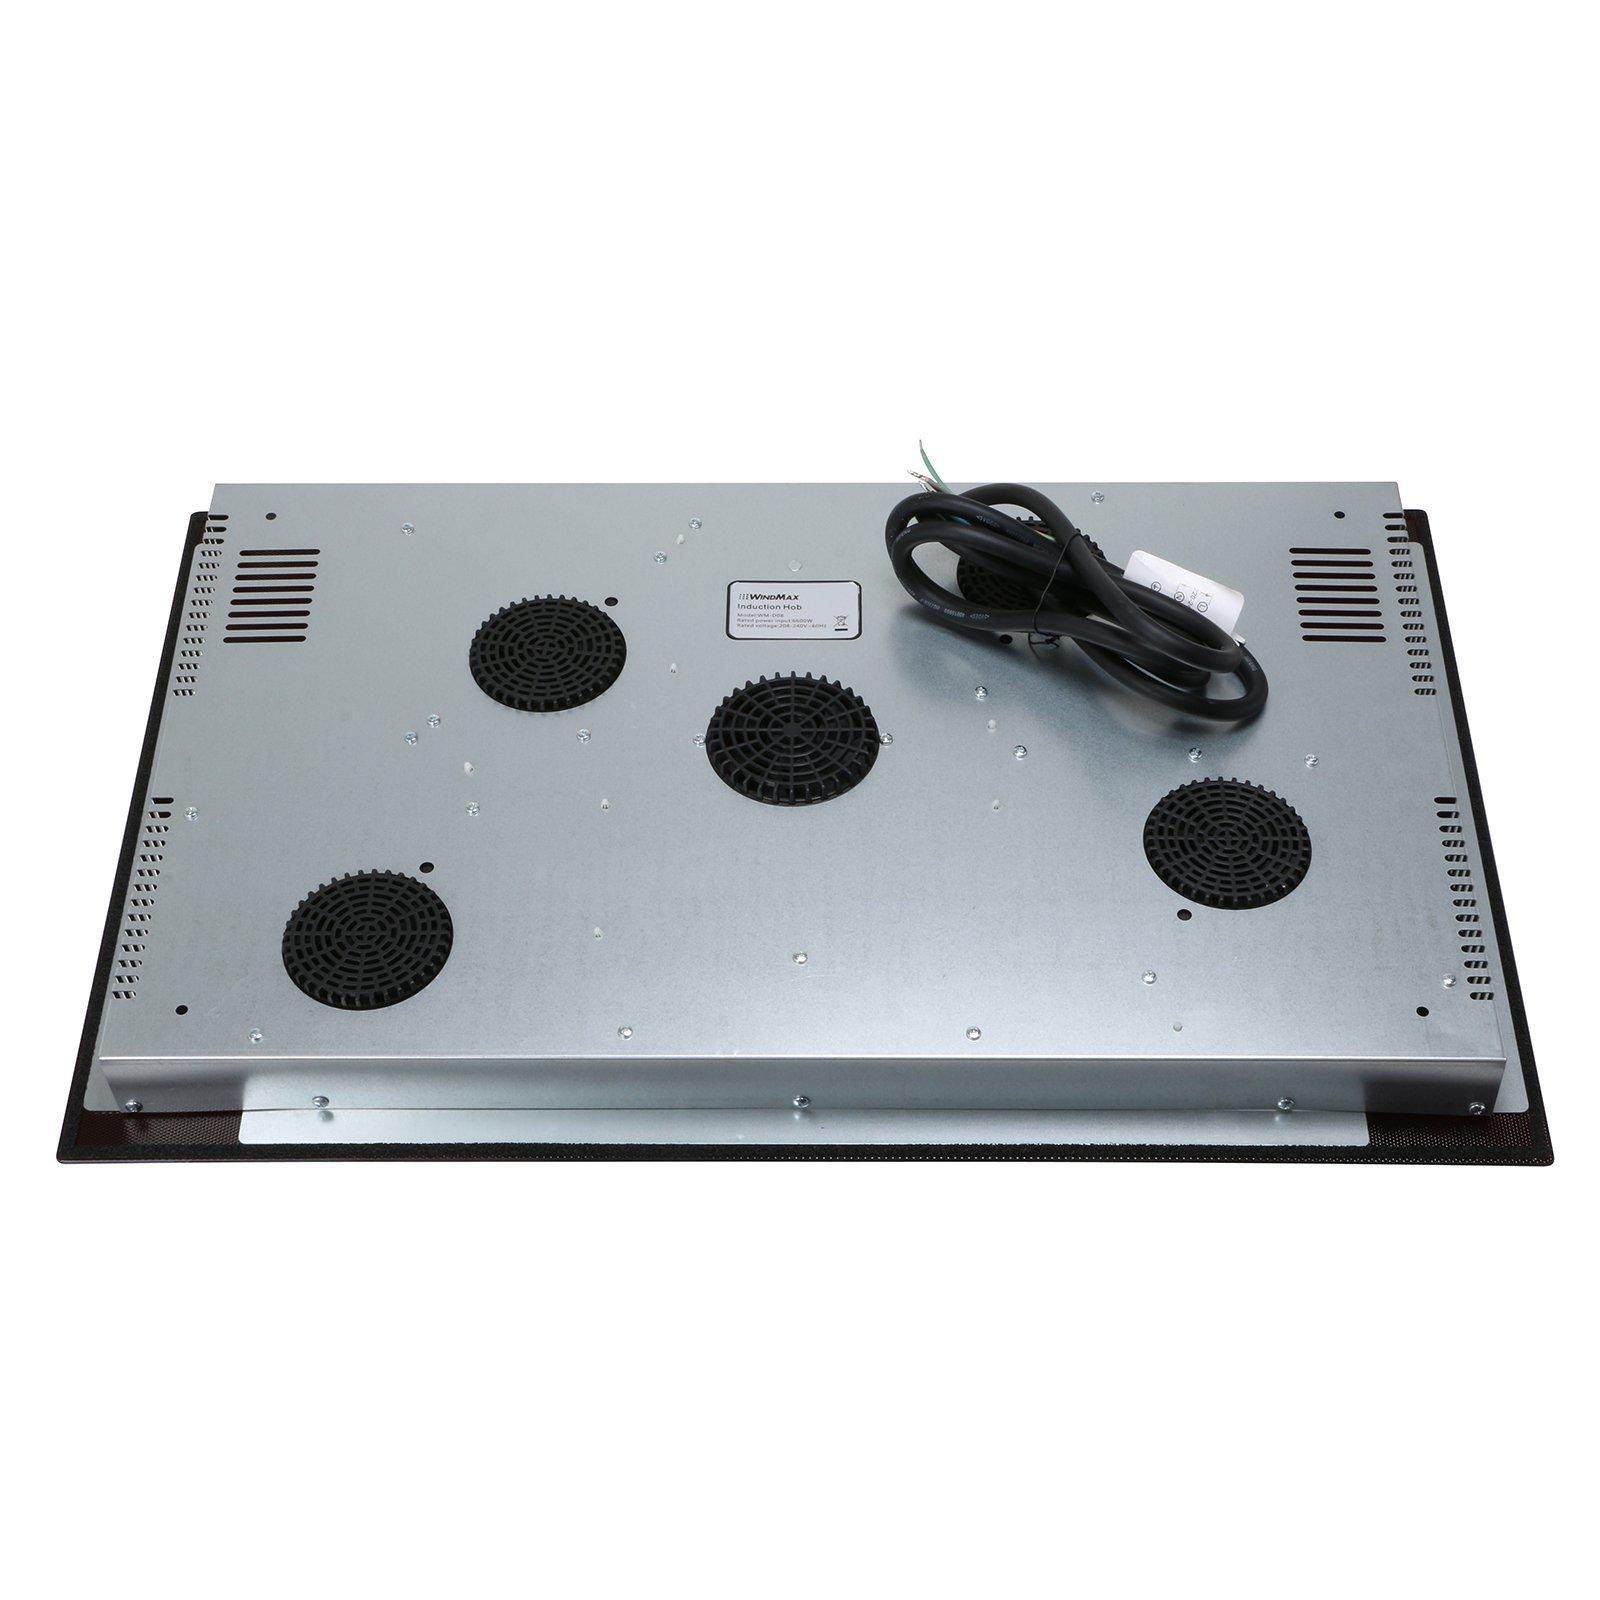 WindMax Hot Sale 31.5 Induction Hob 4 Burner Stove Cooktops Black Crystal Glass Plate 6600W 240V